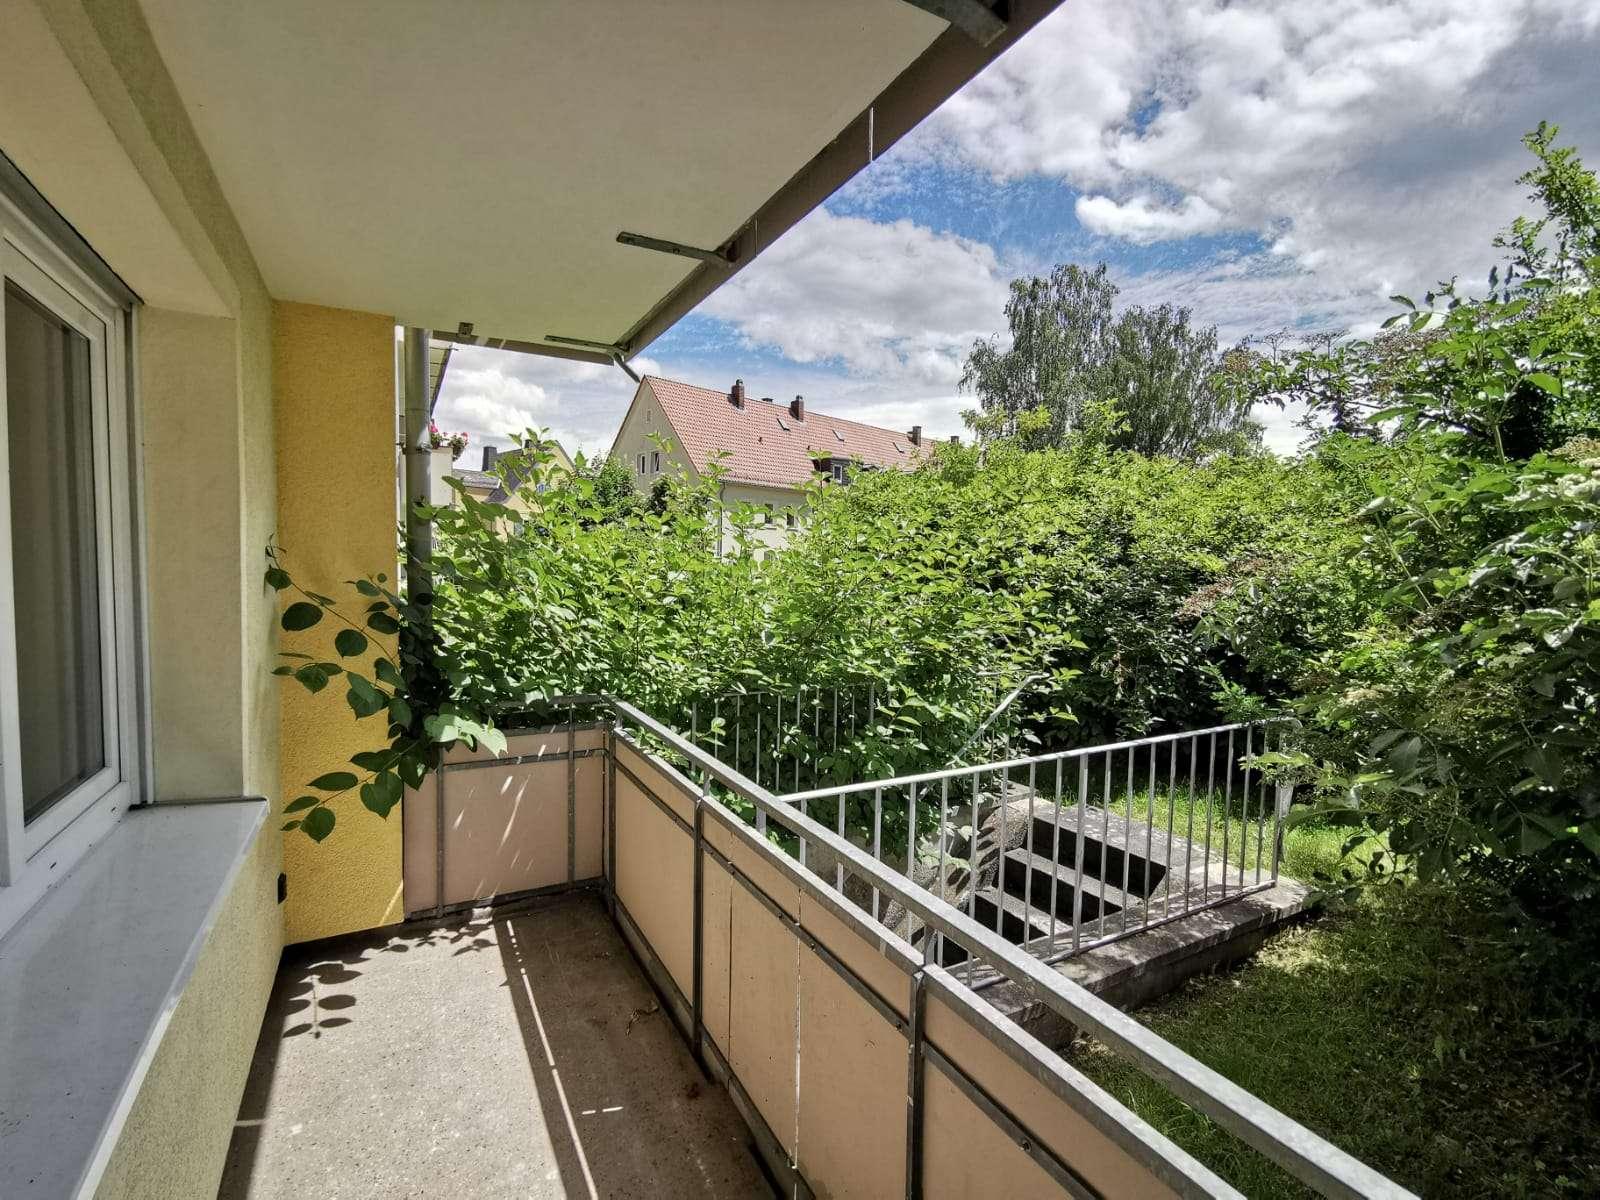 neu renovierte 4-Zimmer EG mit großem Balkon in ruhiger Lage in